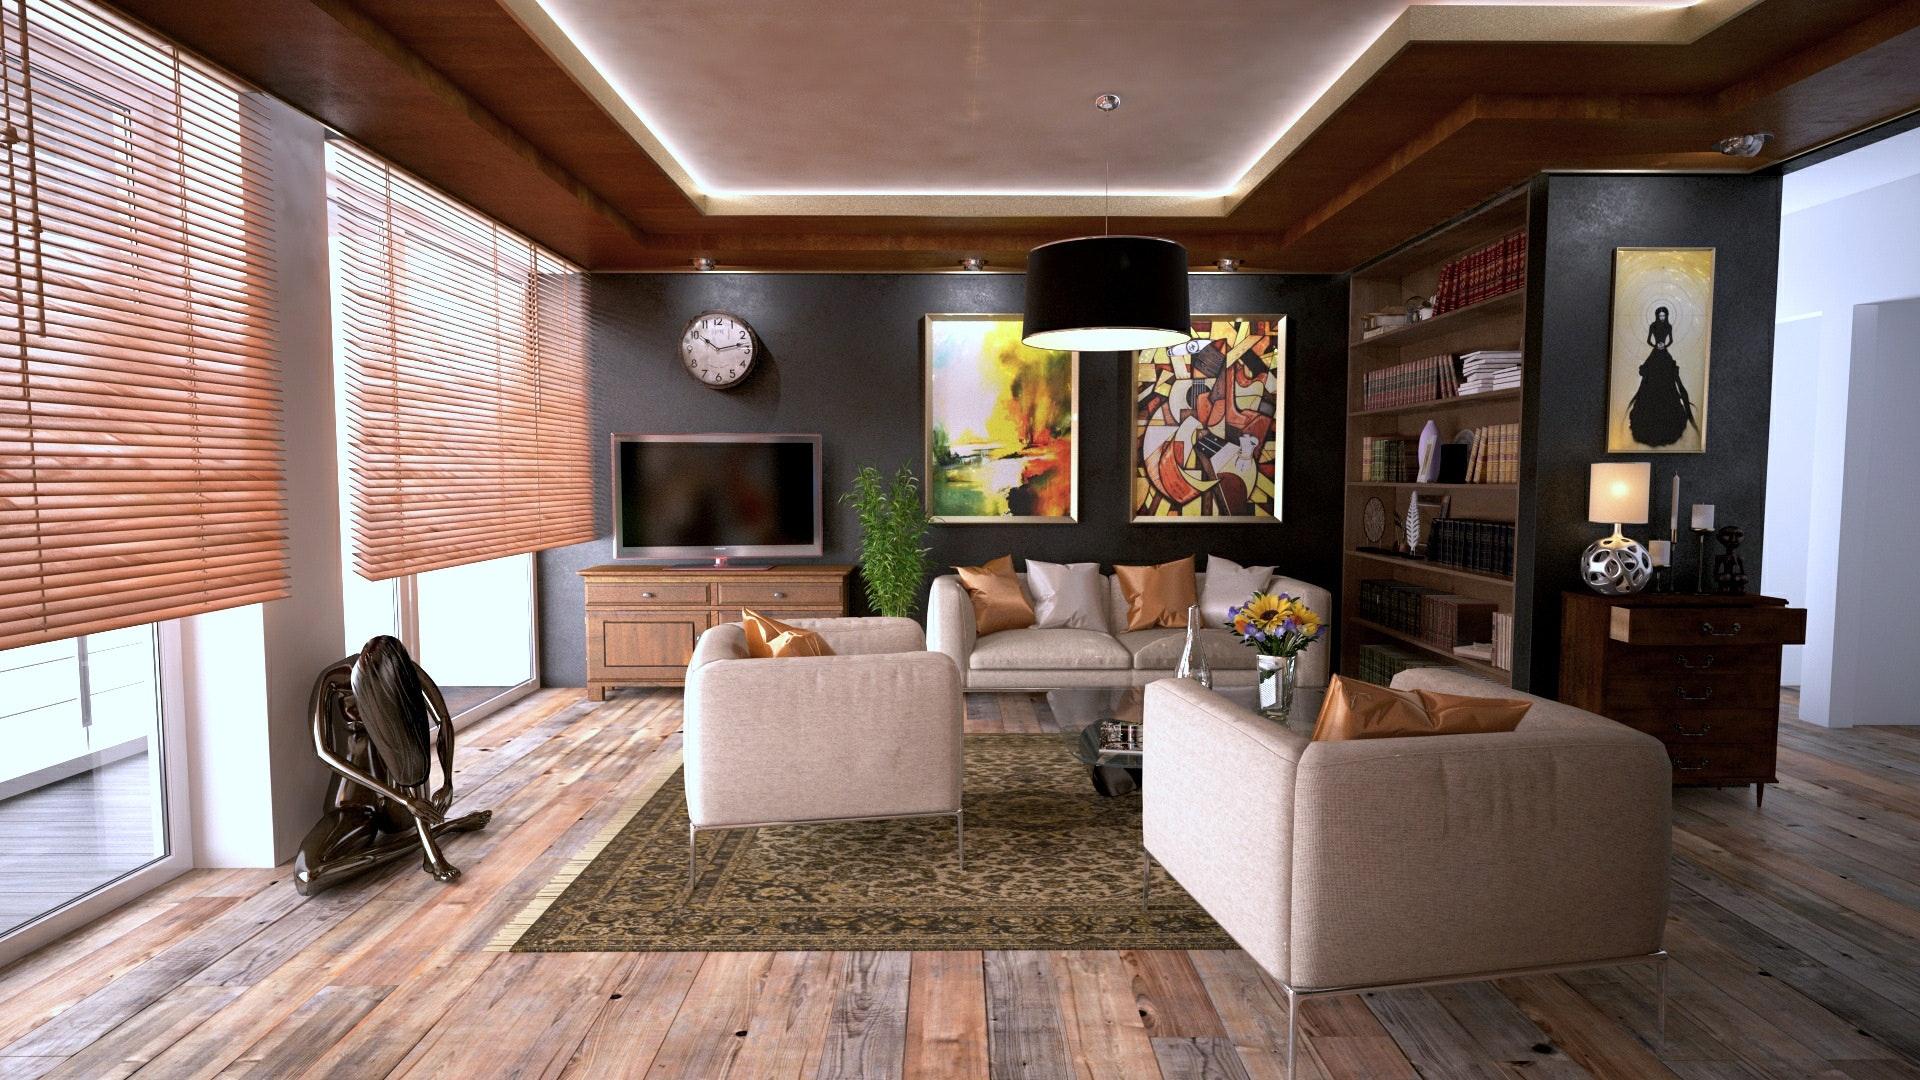 House Tour : A Glamorous Studio Apartment With Gorgeous Custom Details